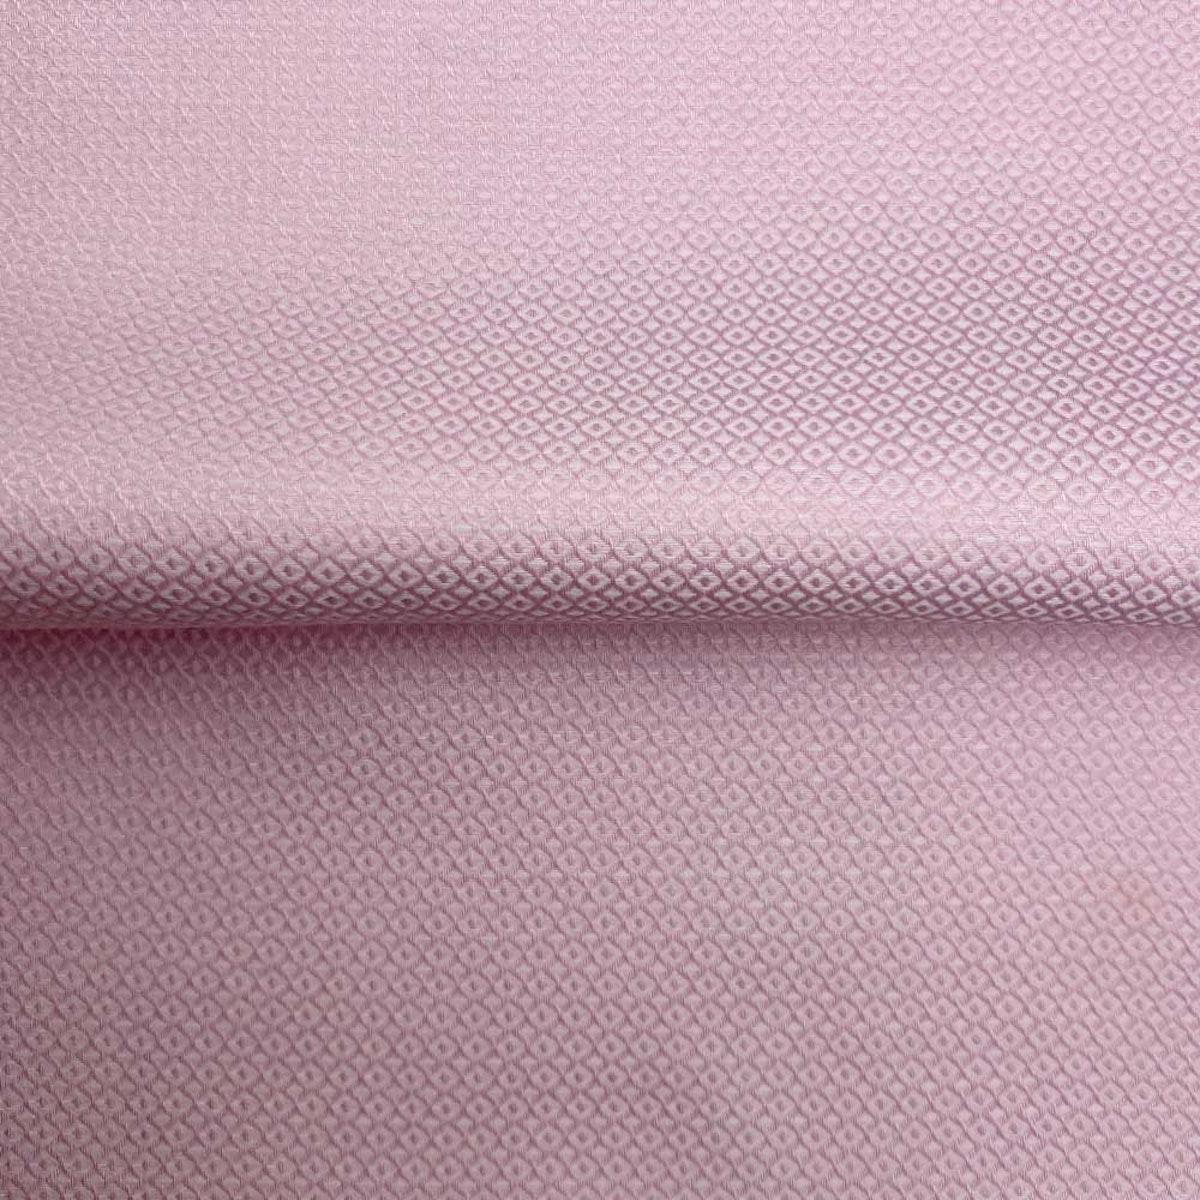 InStitchu Shirt Fabric 90